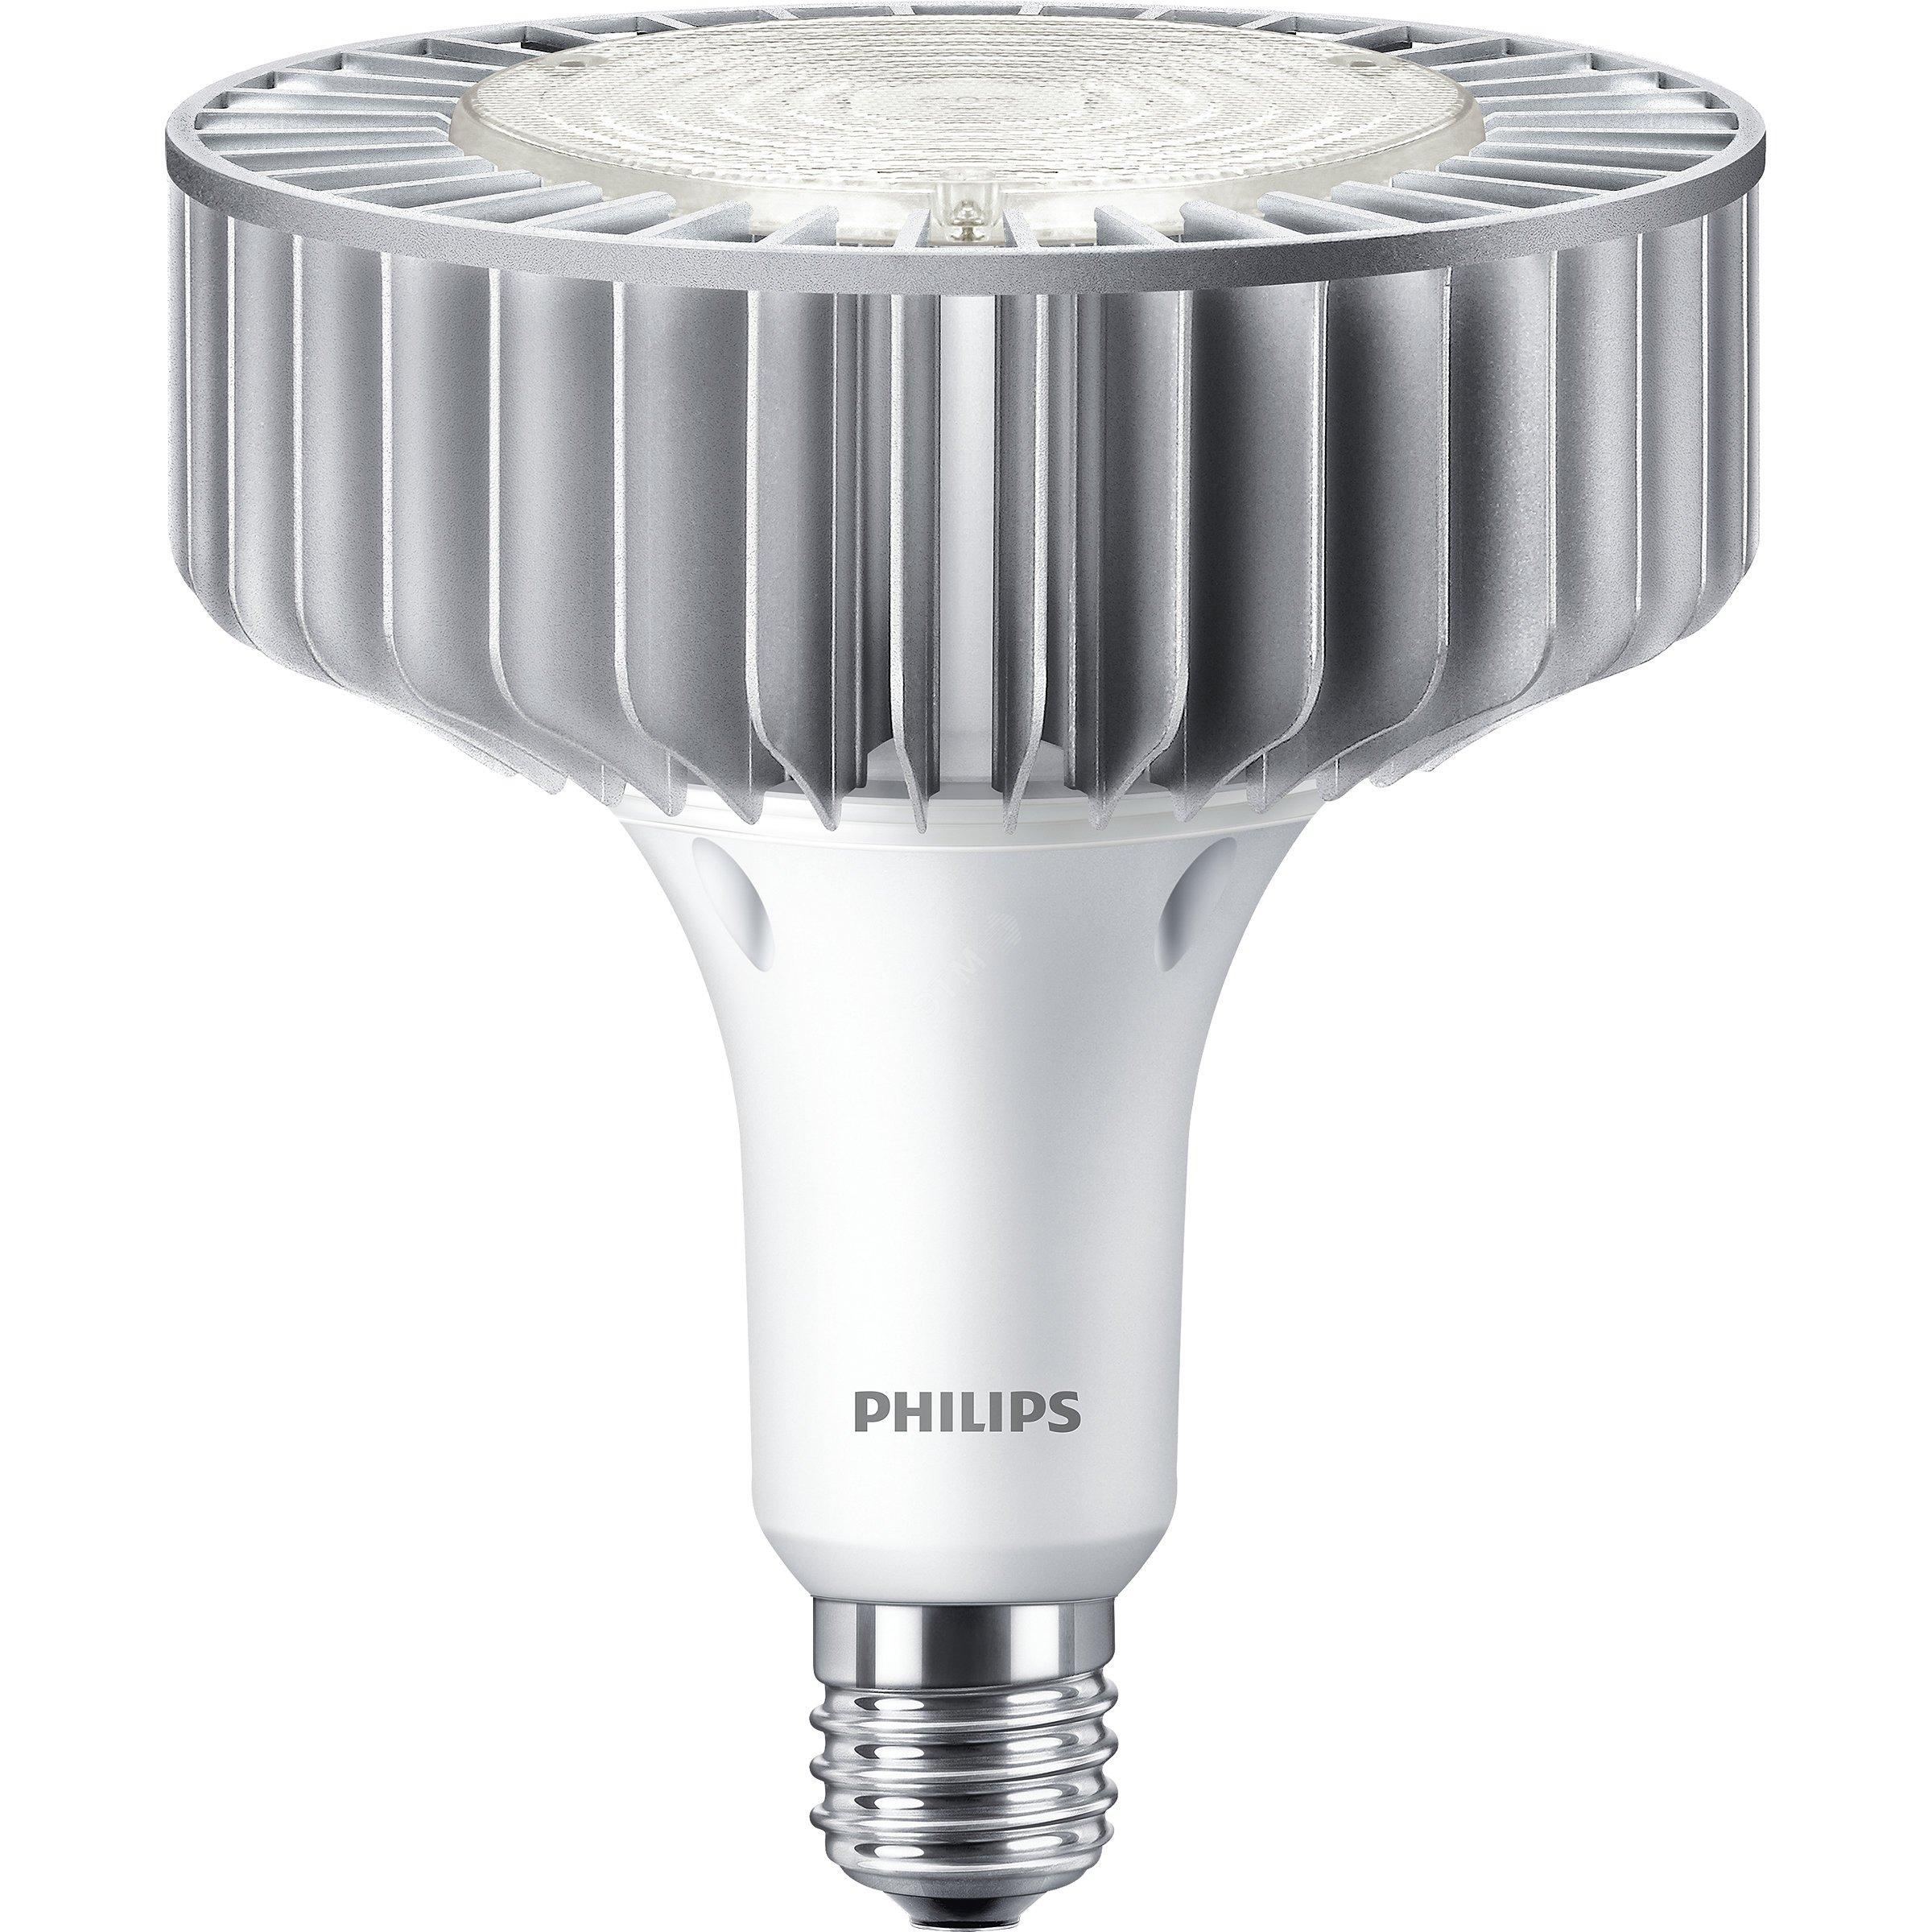 Світлодіодні лампи Е40 Philips : АСТ-Світлотехніка Київ SVT.org.UA